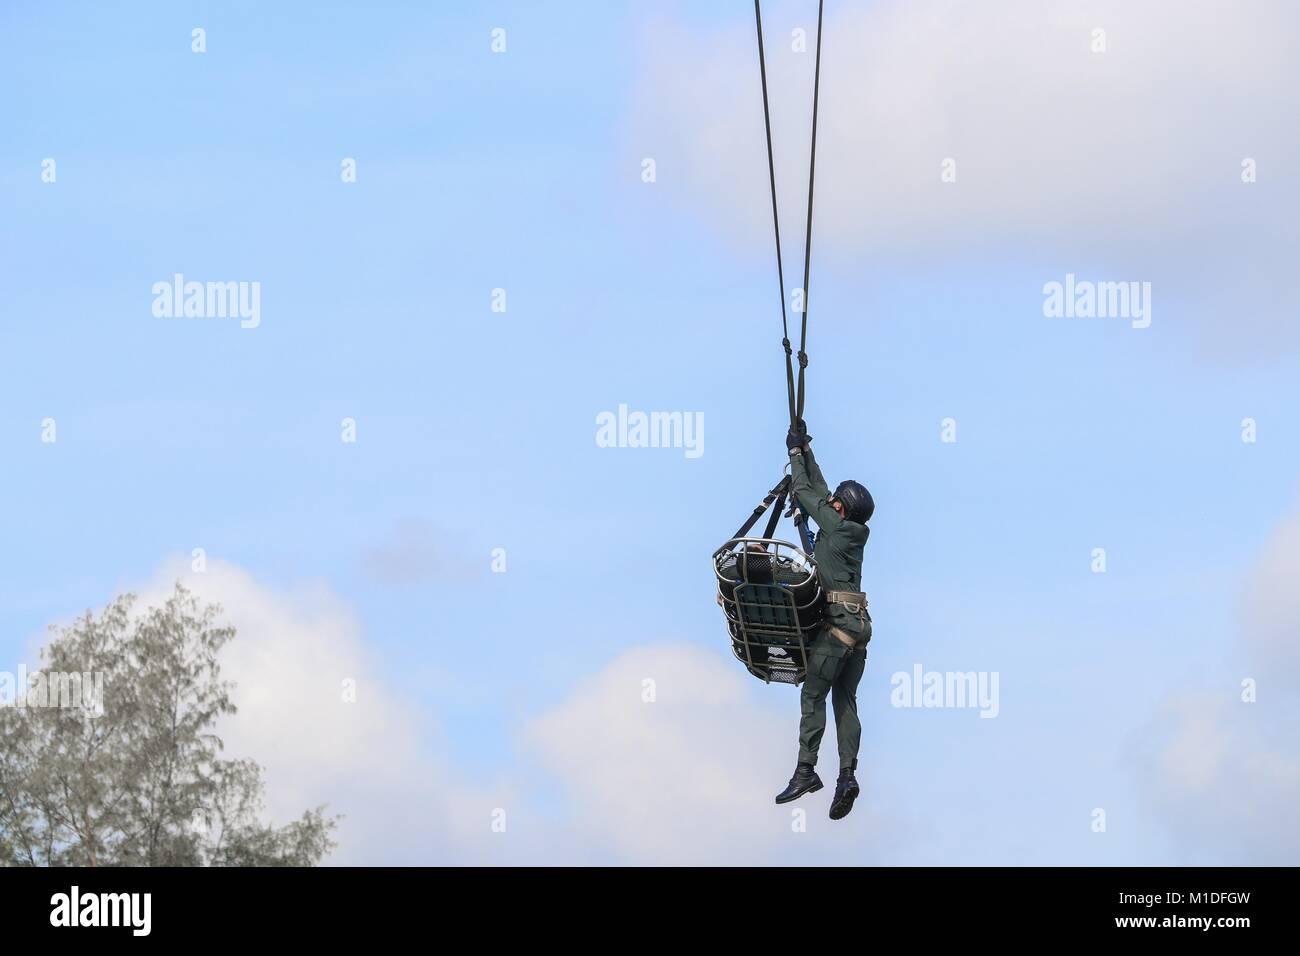 Soldado de emergencia de rescate por helicóptero del ejército con cuerda en blue sky Imagen De Stock